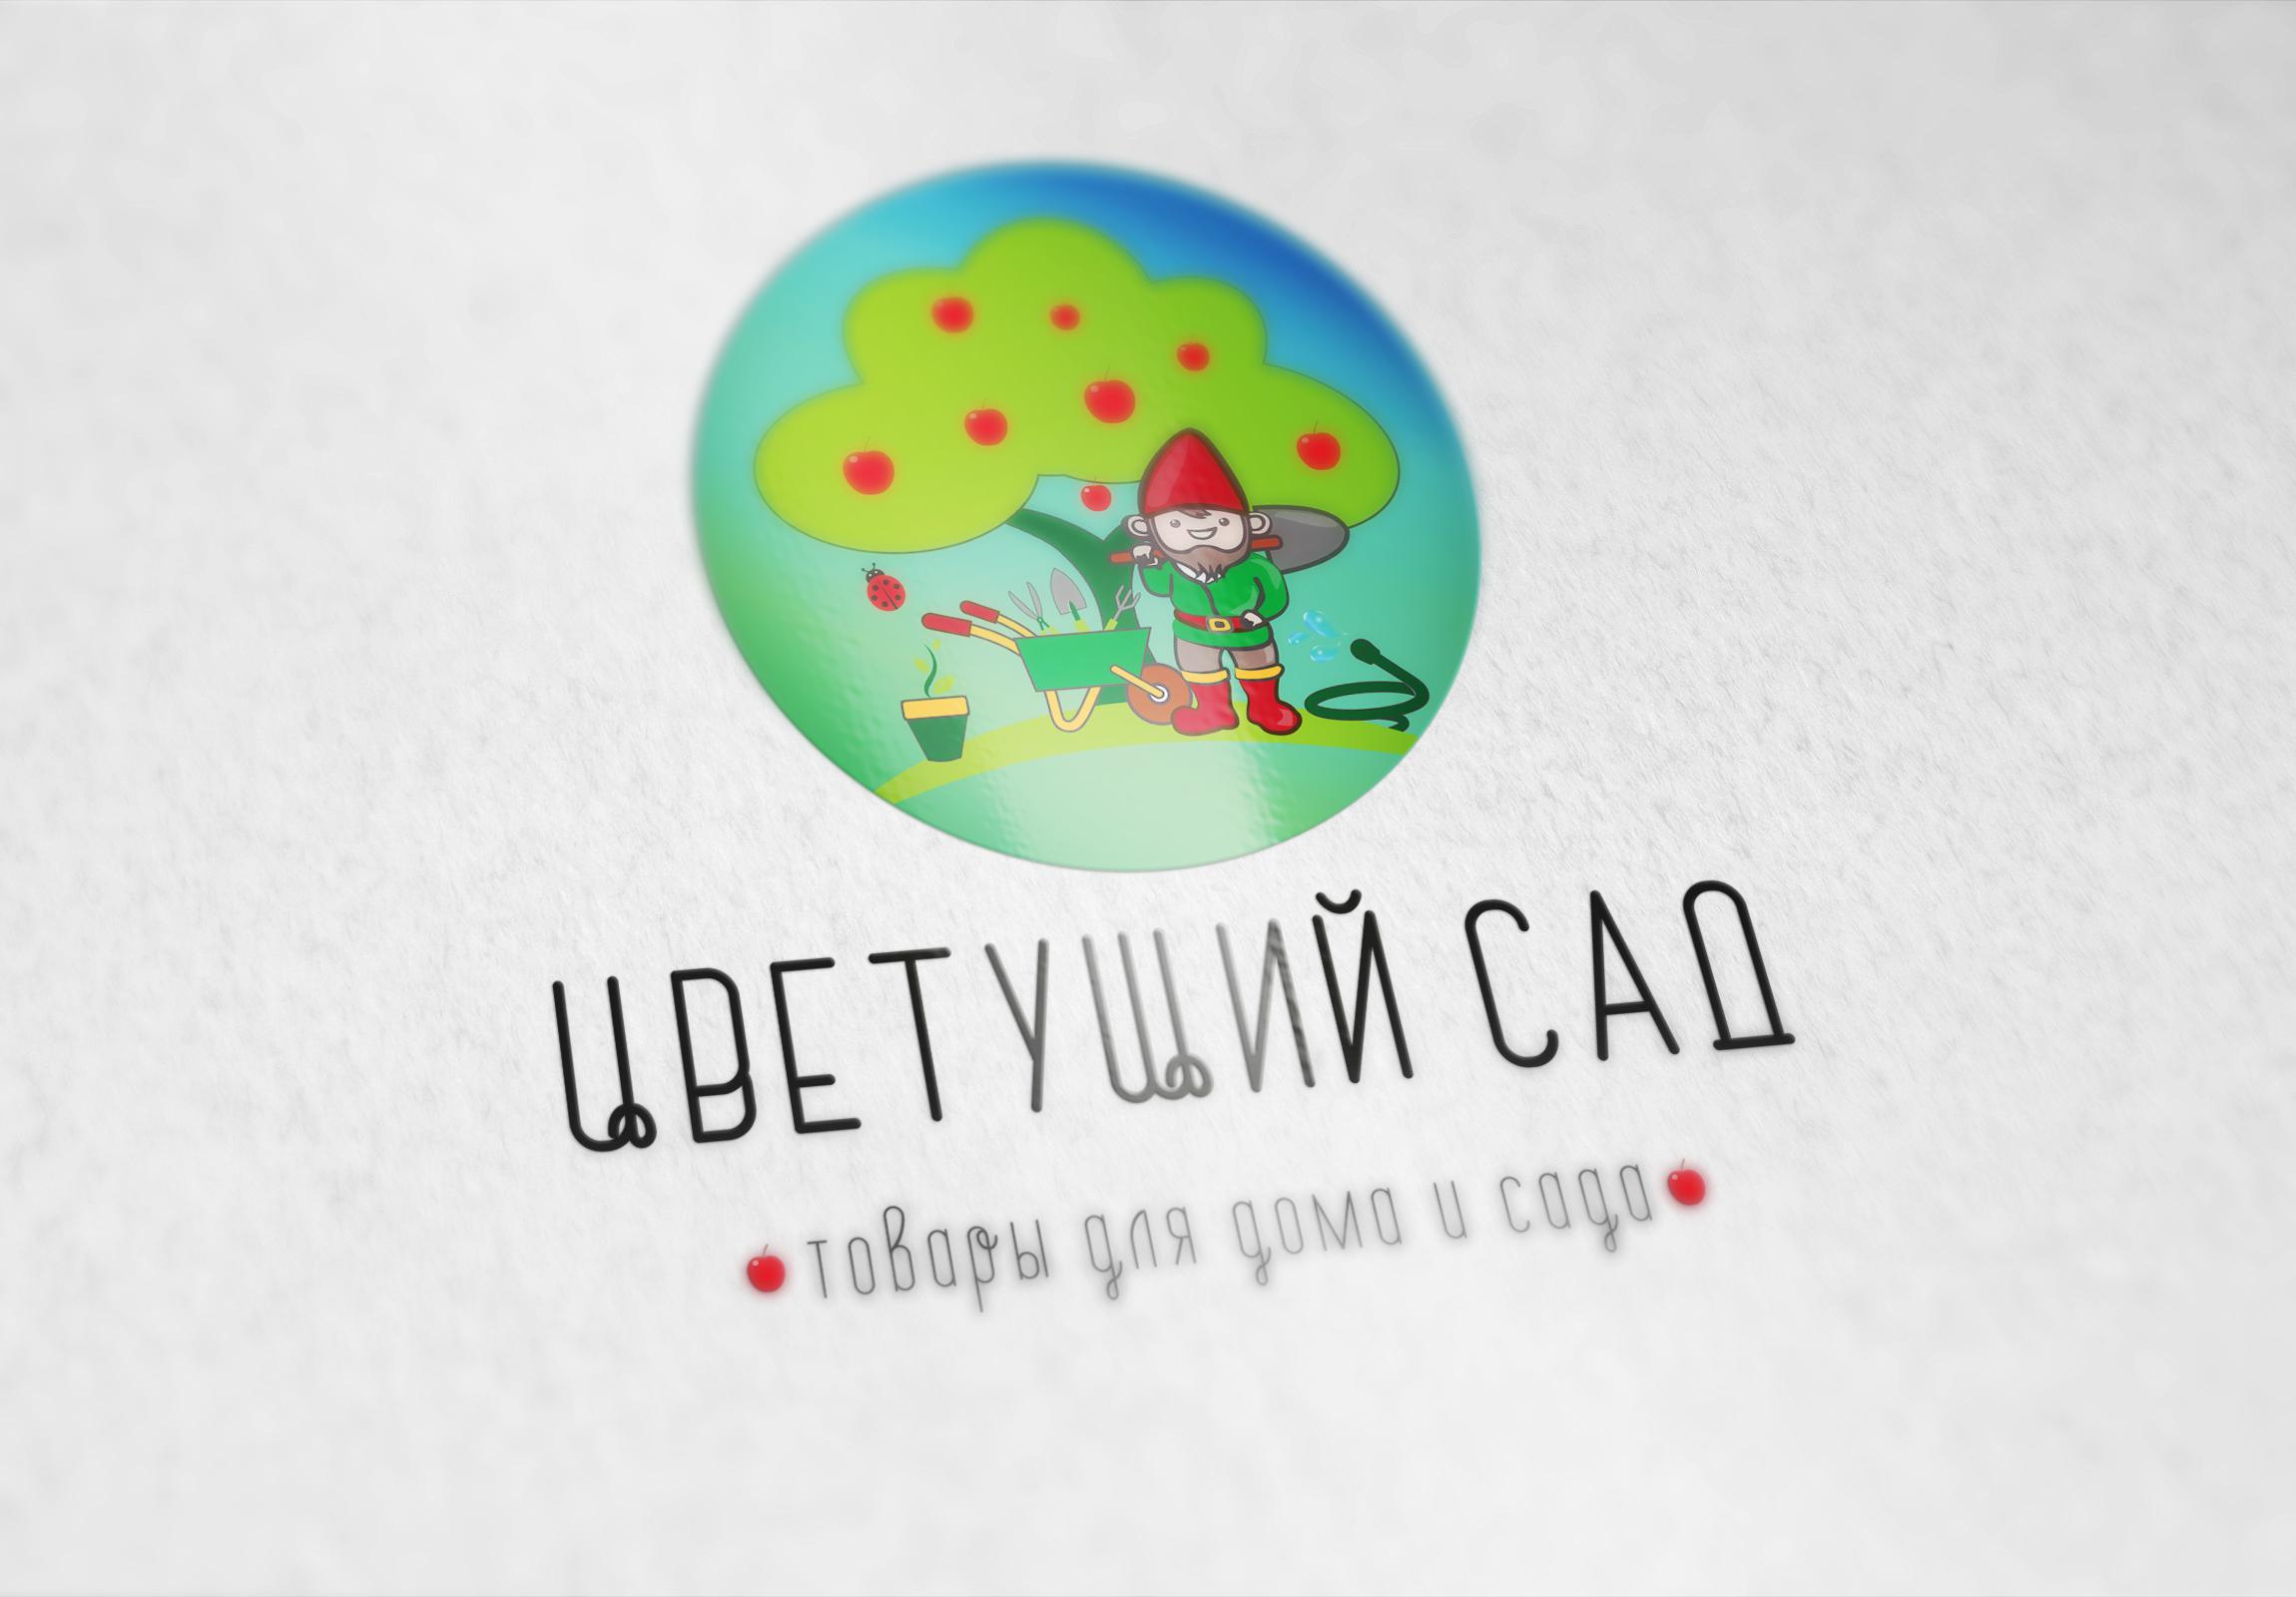 """Логотип для компании """"Цветущий сад"""" фото f_1985b71451fa296b.jpg"""